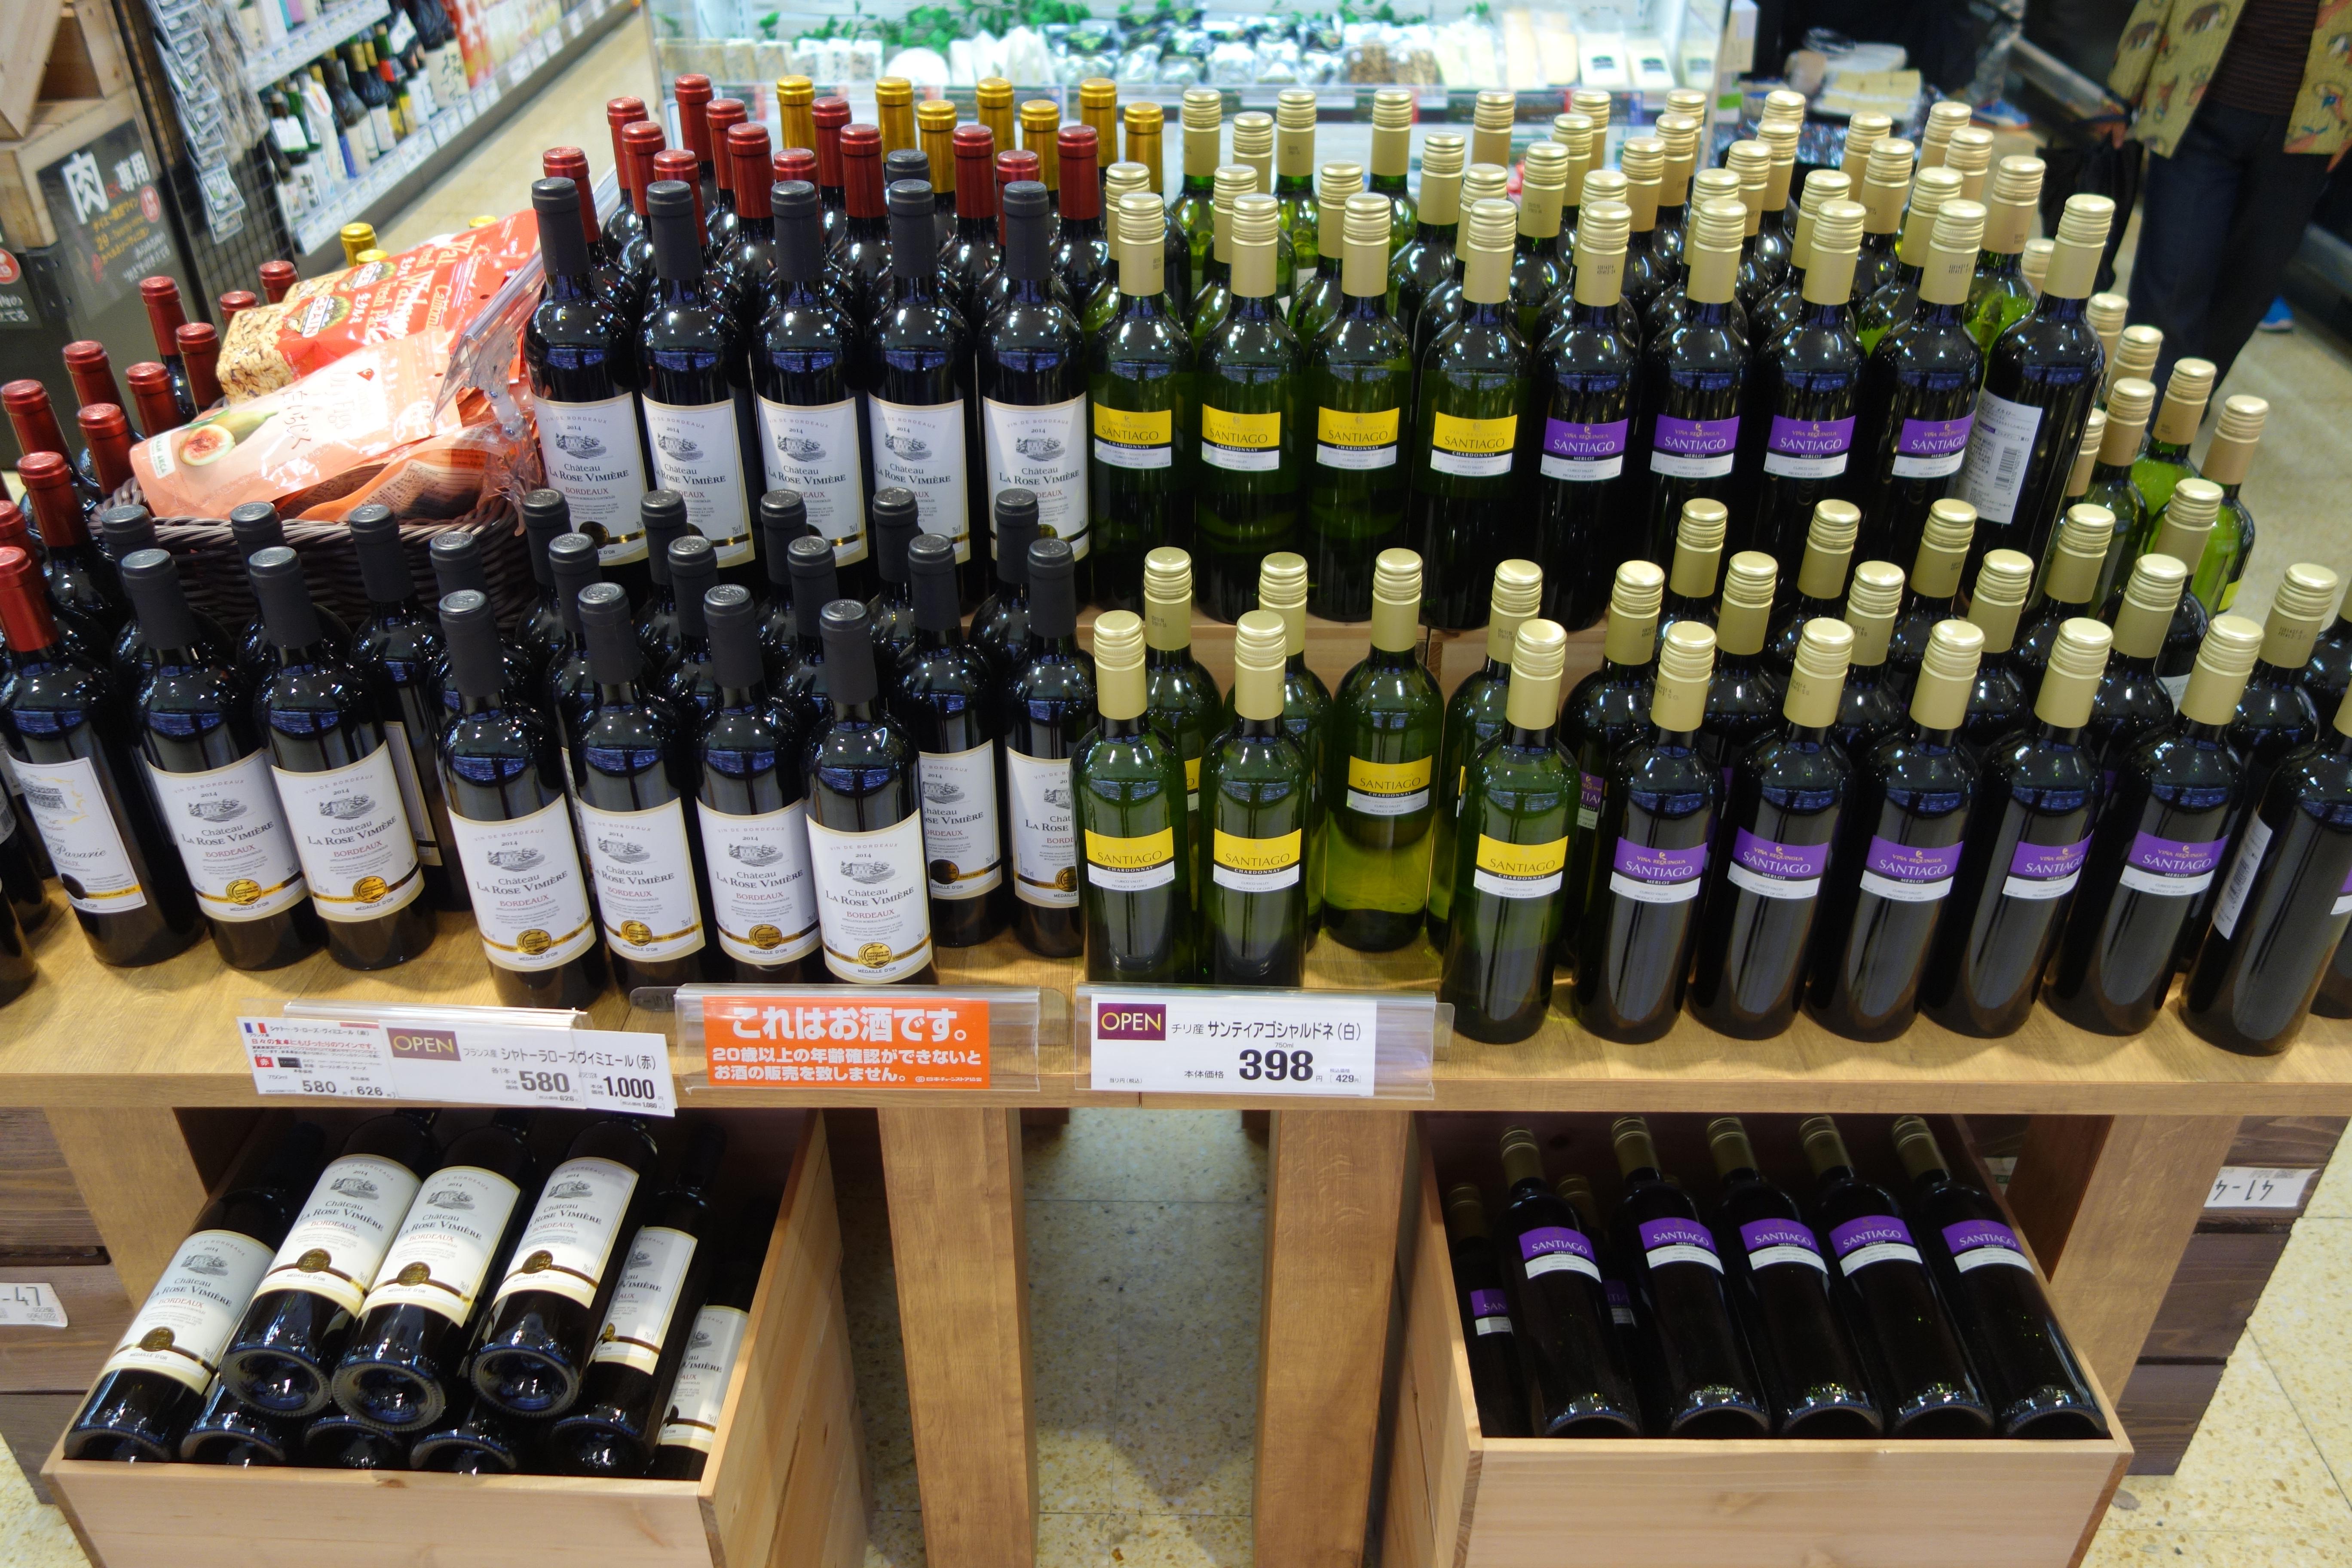 ワインの品ぞろえもまずまず。